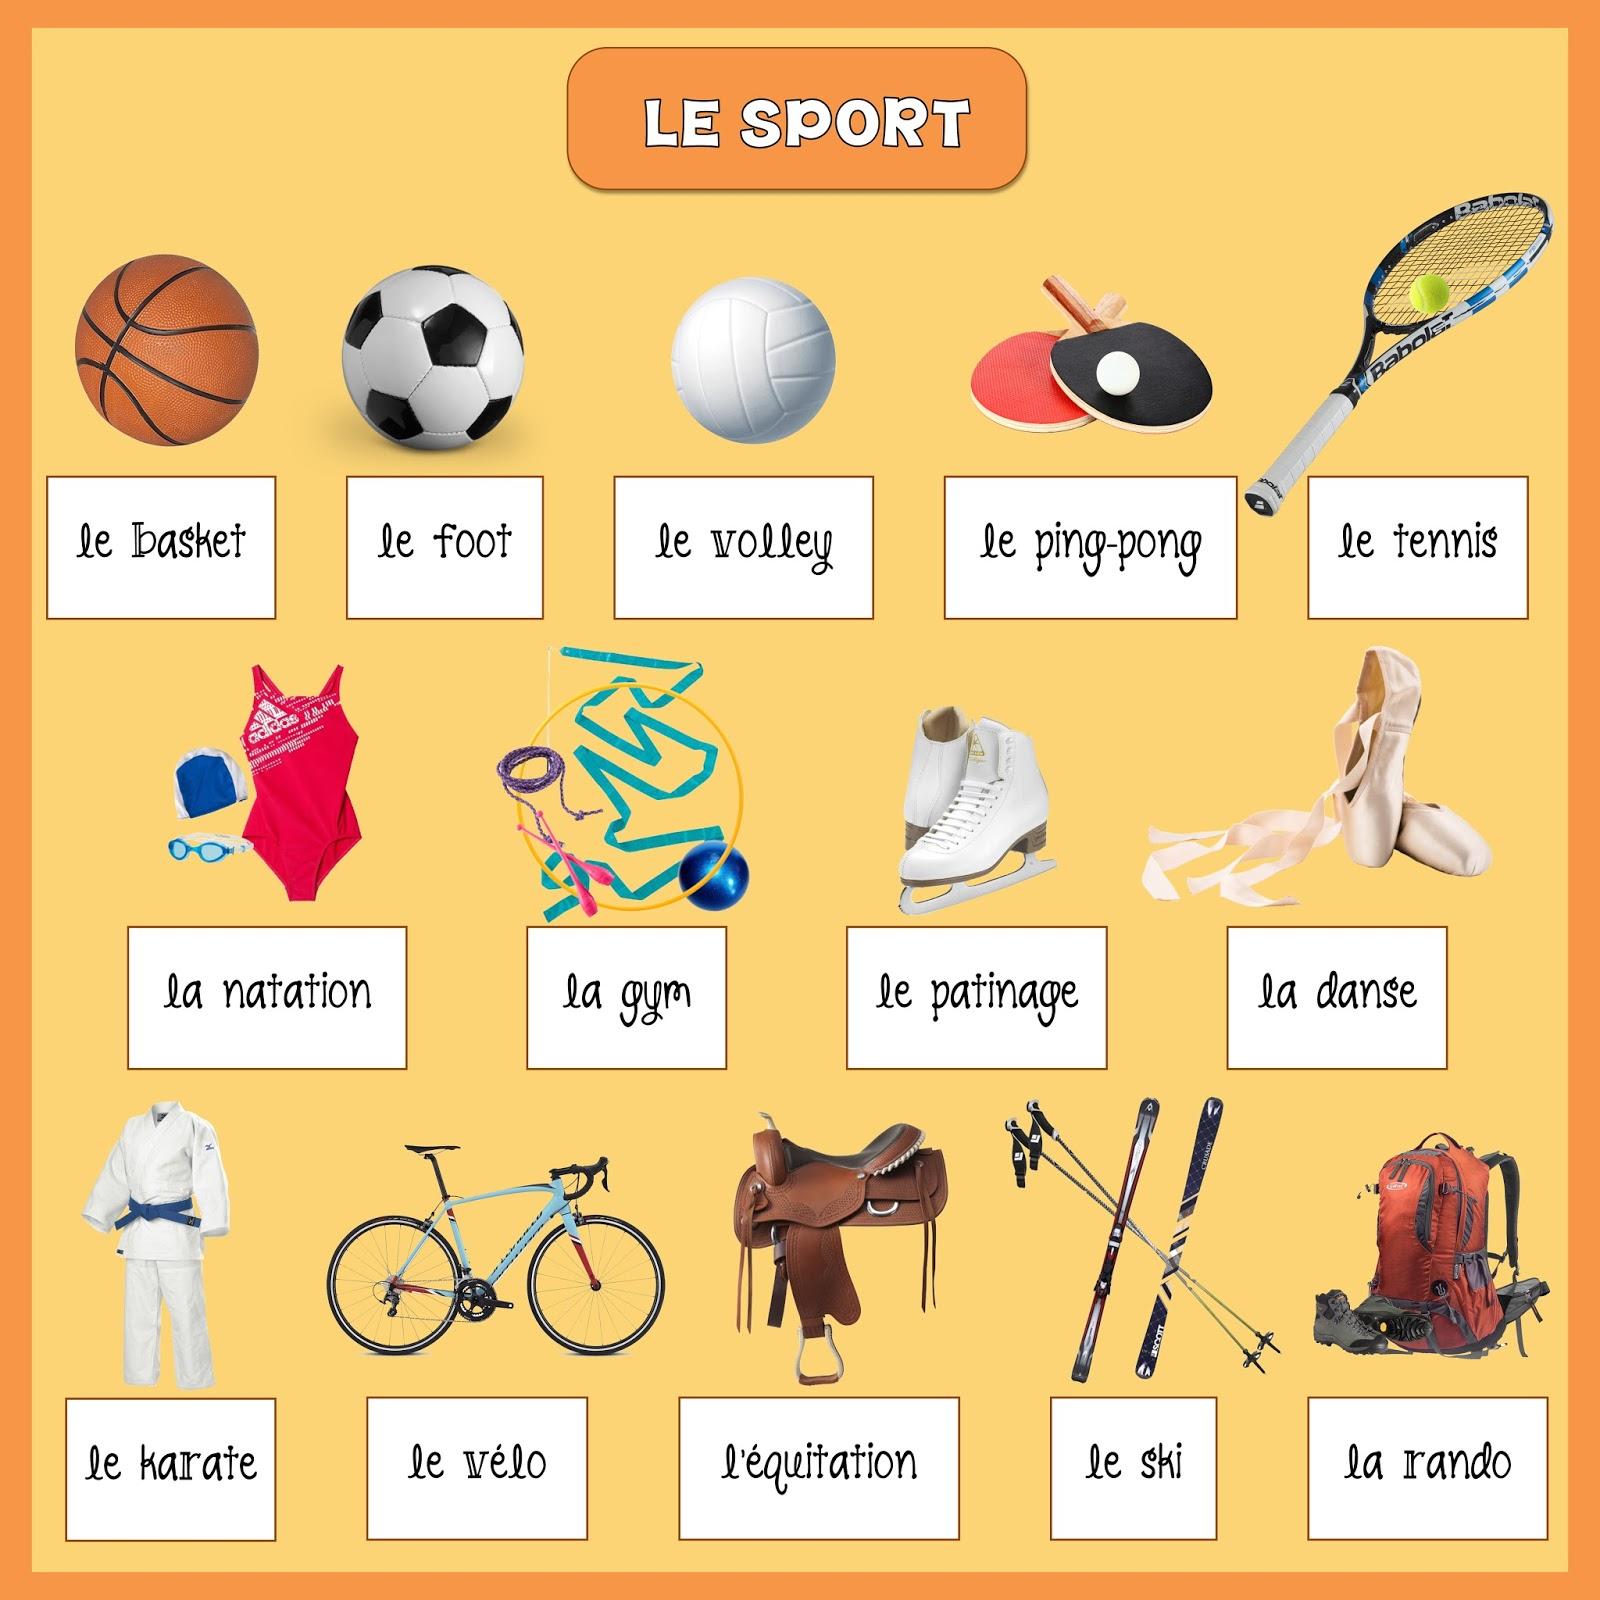 Sport - słownictwo 4 - Francuski przy kawie